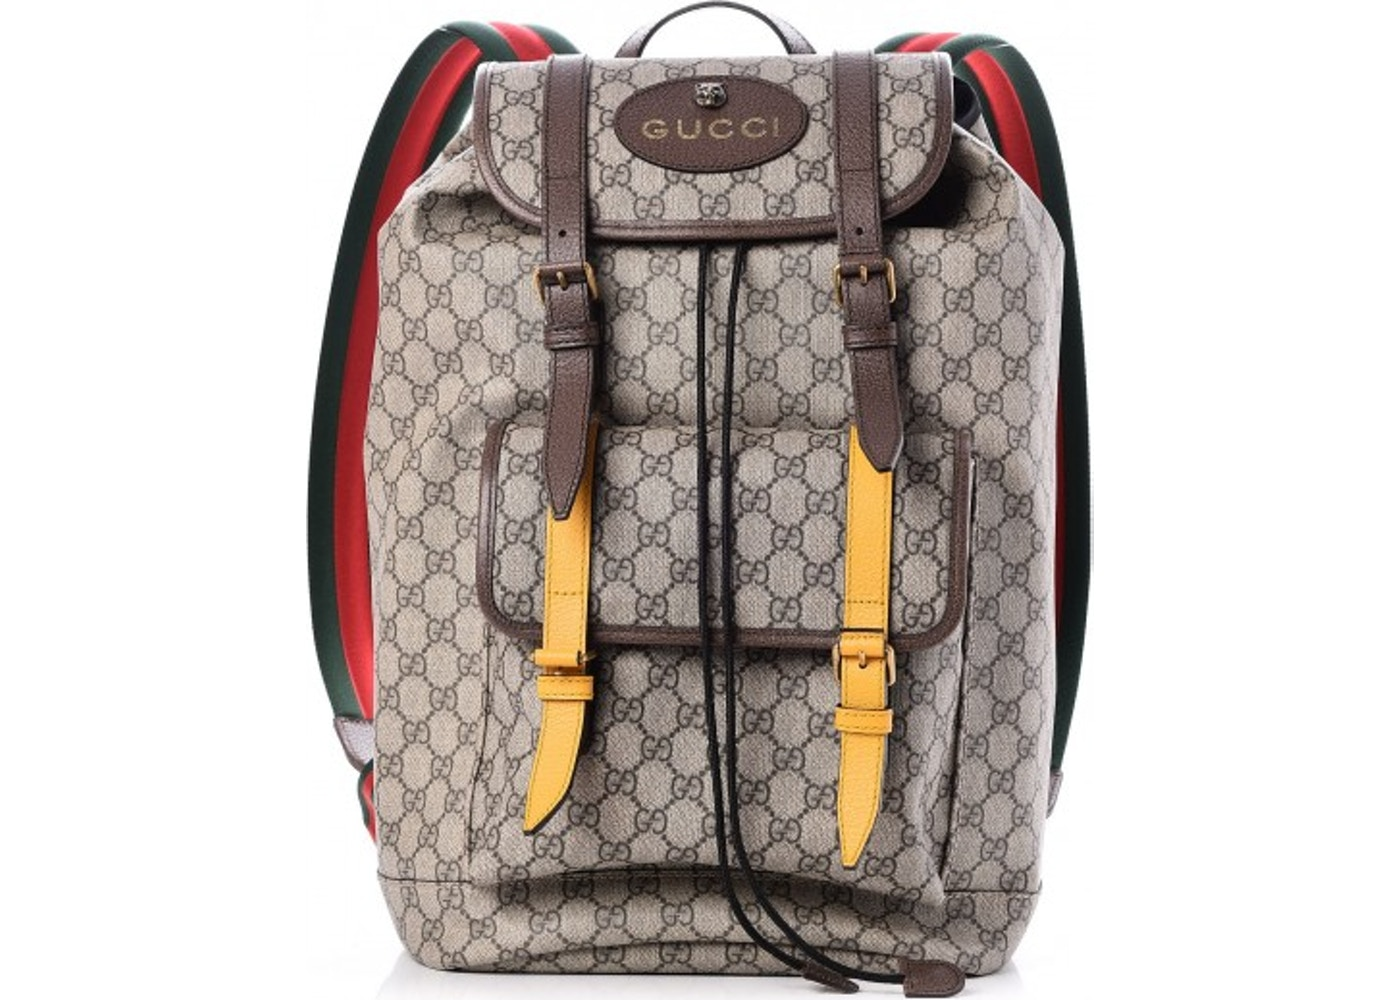 c3e13e334e05 Gucci Soft Backpack GG Supreme Web Straps Brown Yellow. GG Supreme Web  Straps Brown Yellow